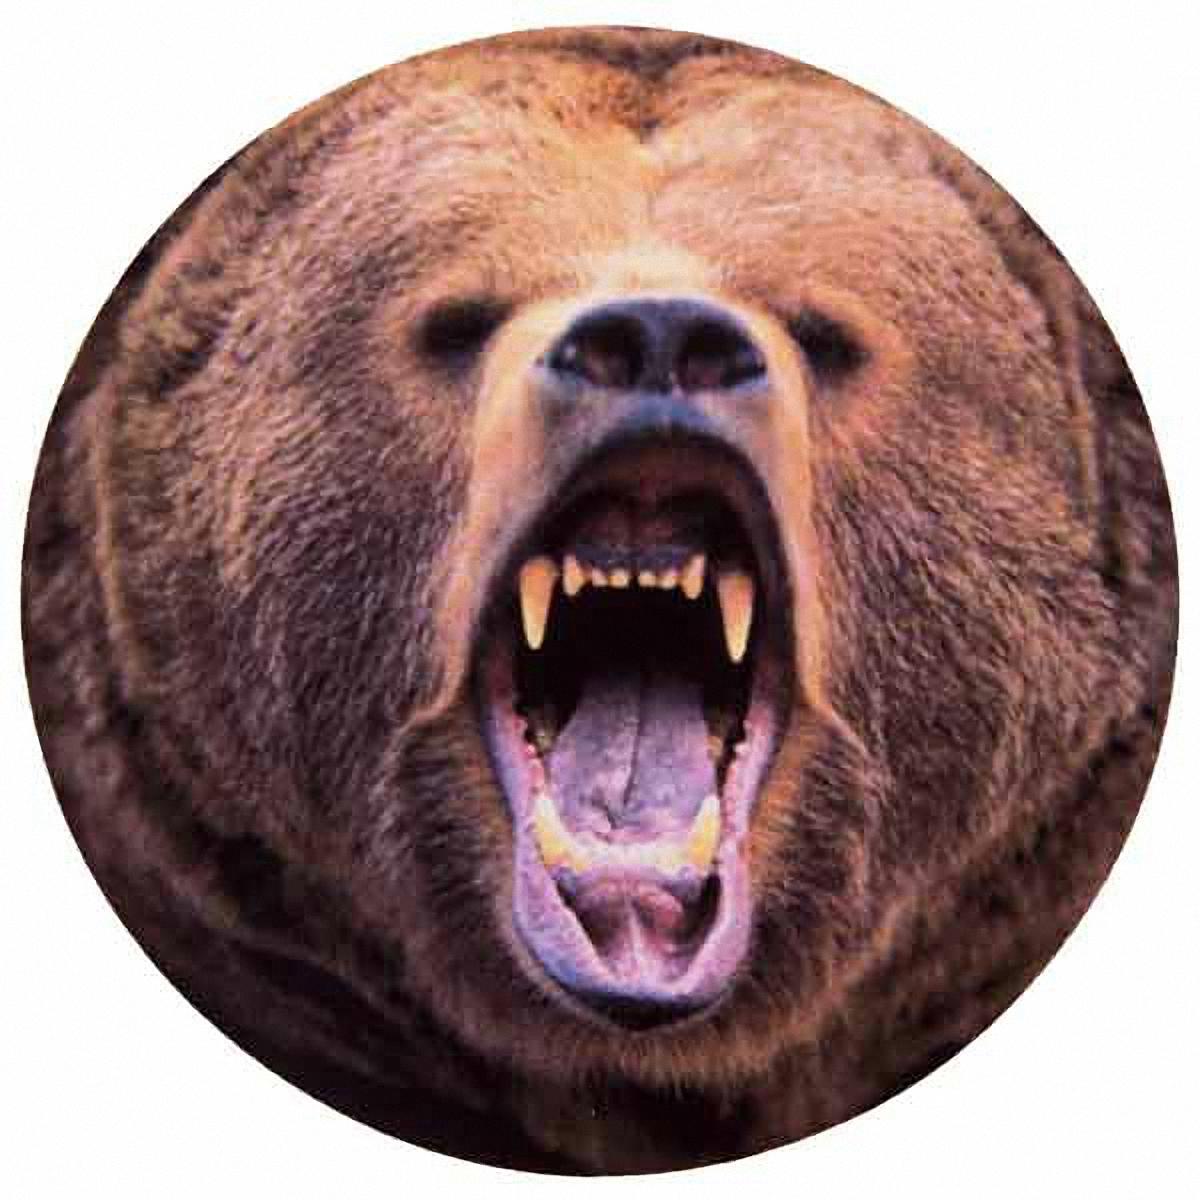 Чехол на запасное колесо Skyway Медведь, диаметр 67 смS06301013Чехол Skyway Медведь обеспечивает защиту запасного колеса автомобиля от загрязнений, прямых солнечных лучей, воздействия воды, посторонних предметов, агрессивных сред и других негативных факторов. Чехол изготовлен из прочной экокожи, которая легко моется и надолго сохраняет внешний вид. Чехол оформлен оригинальным изображением медведя и снабжен резинкой для легкого надевания. Благодаря чехлу, колесо сохранит свой внешний вид и характеристики. Размер колеса: R16, 17. Диаметр чехла: 67 см.